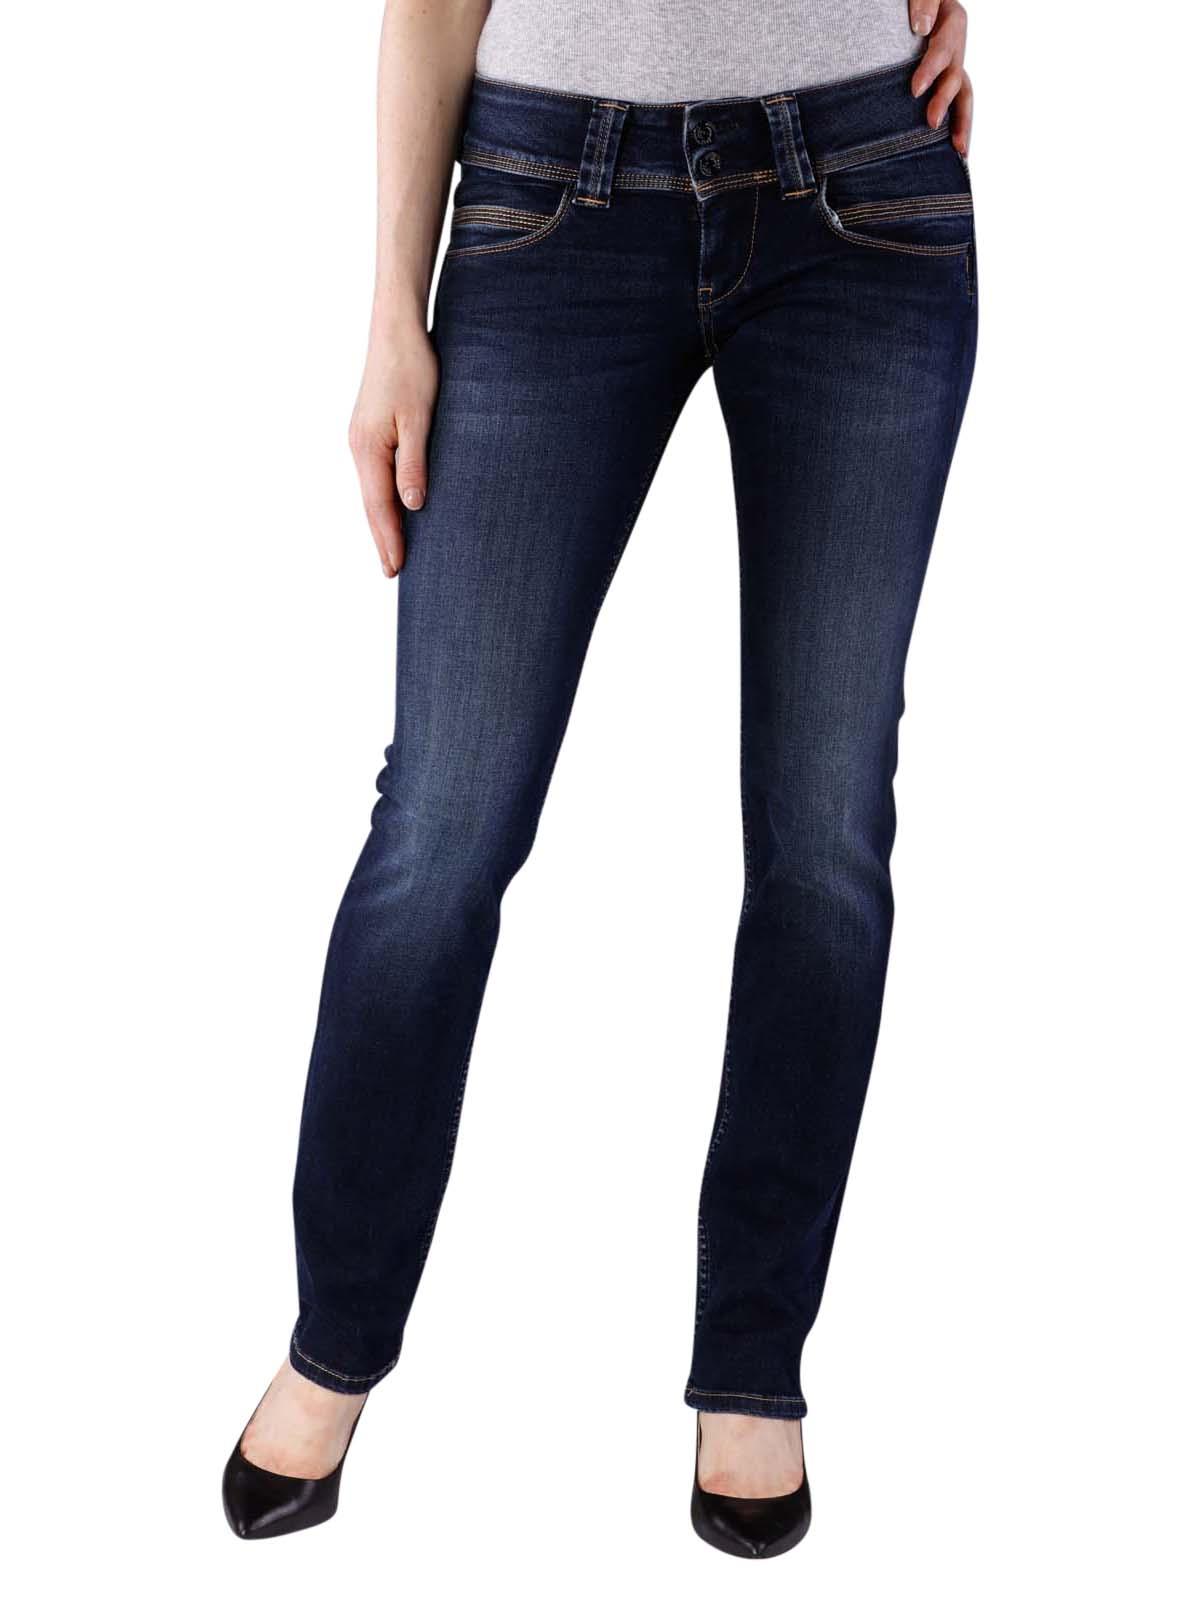 Kleidung & Accessoires Jeans Angemessen Pepe Jeans Size 12 Cognacfarben Waren Jeder Beschreibung Sind VerfüGbar